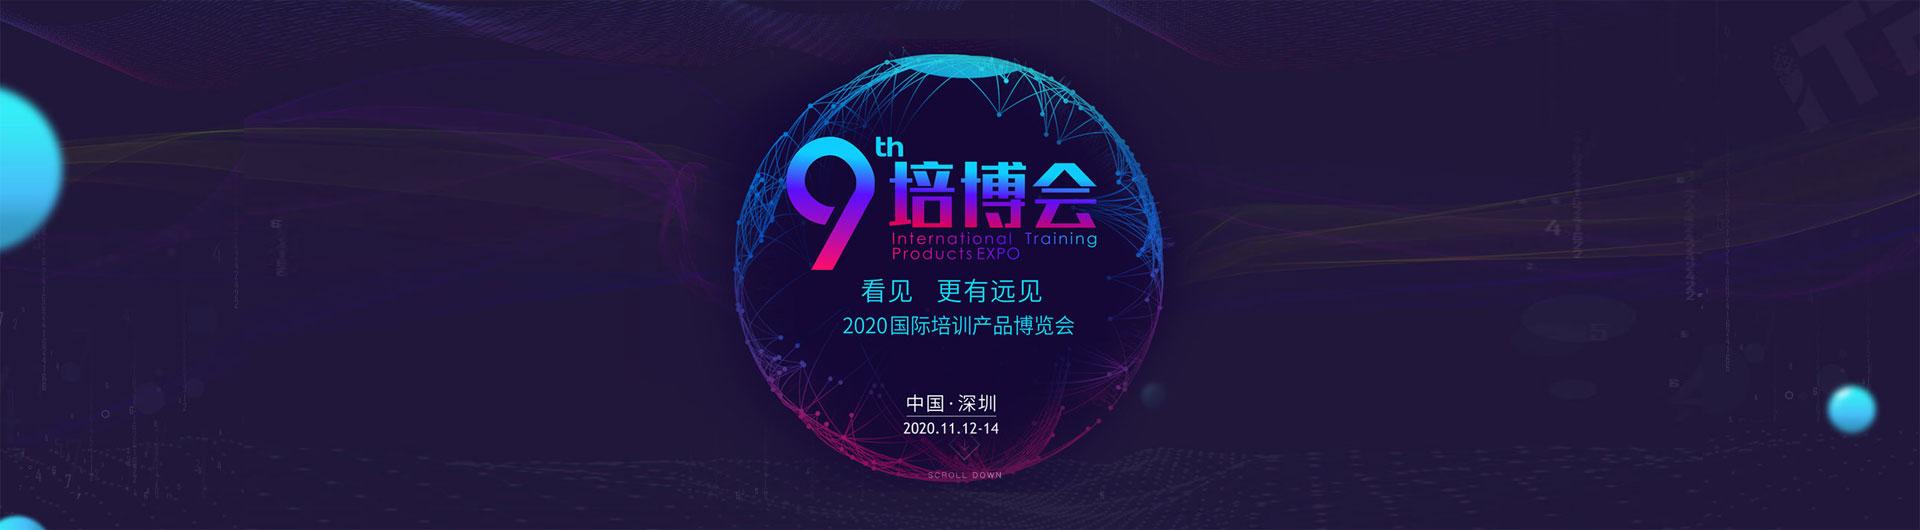 2020年 第9届培博会